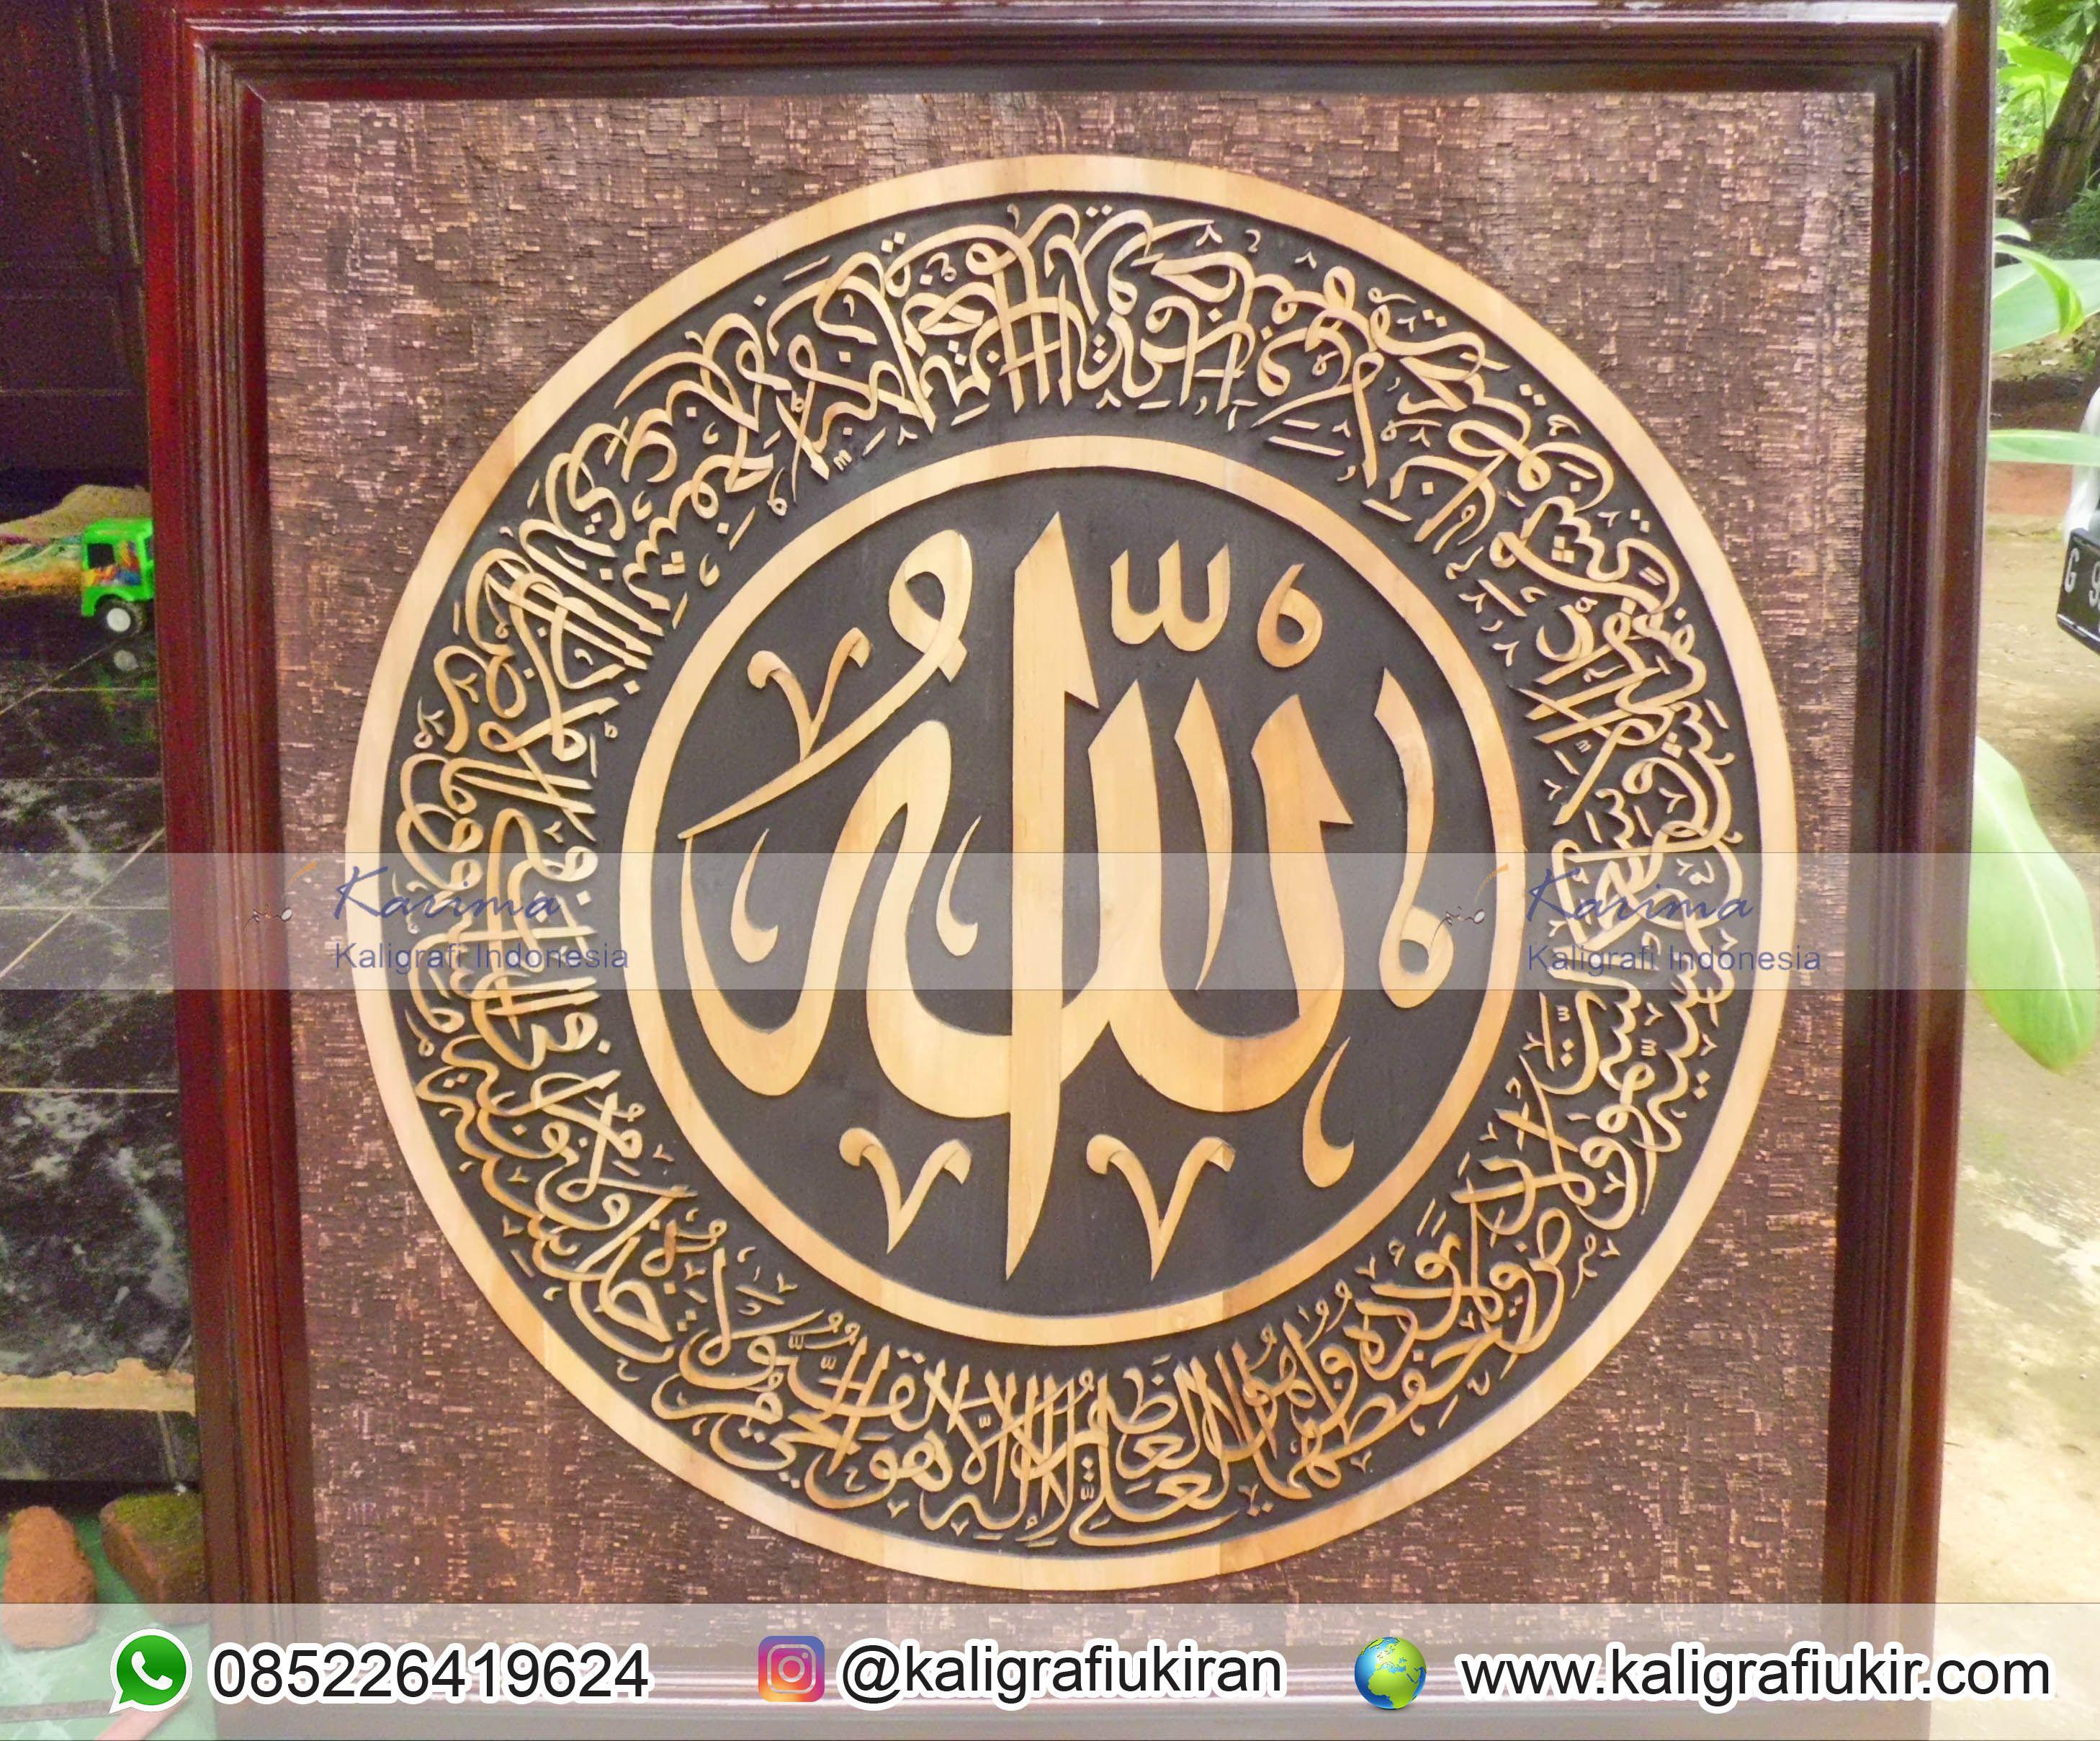 Kaligrafi Ayat Kursi ukuran 90x90cm 📞 WA ㅤ kaligrafi ayatkursi